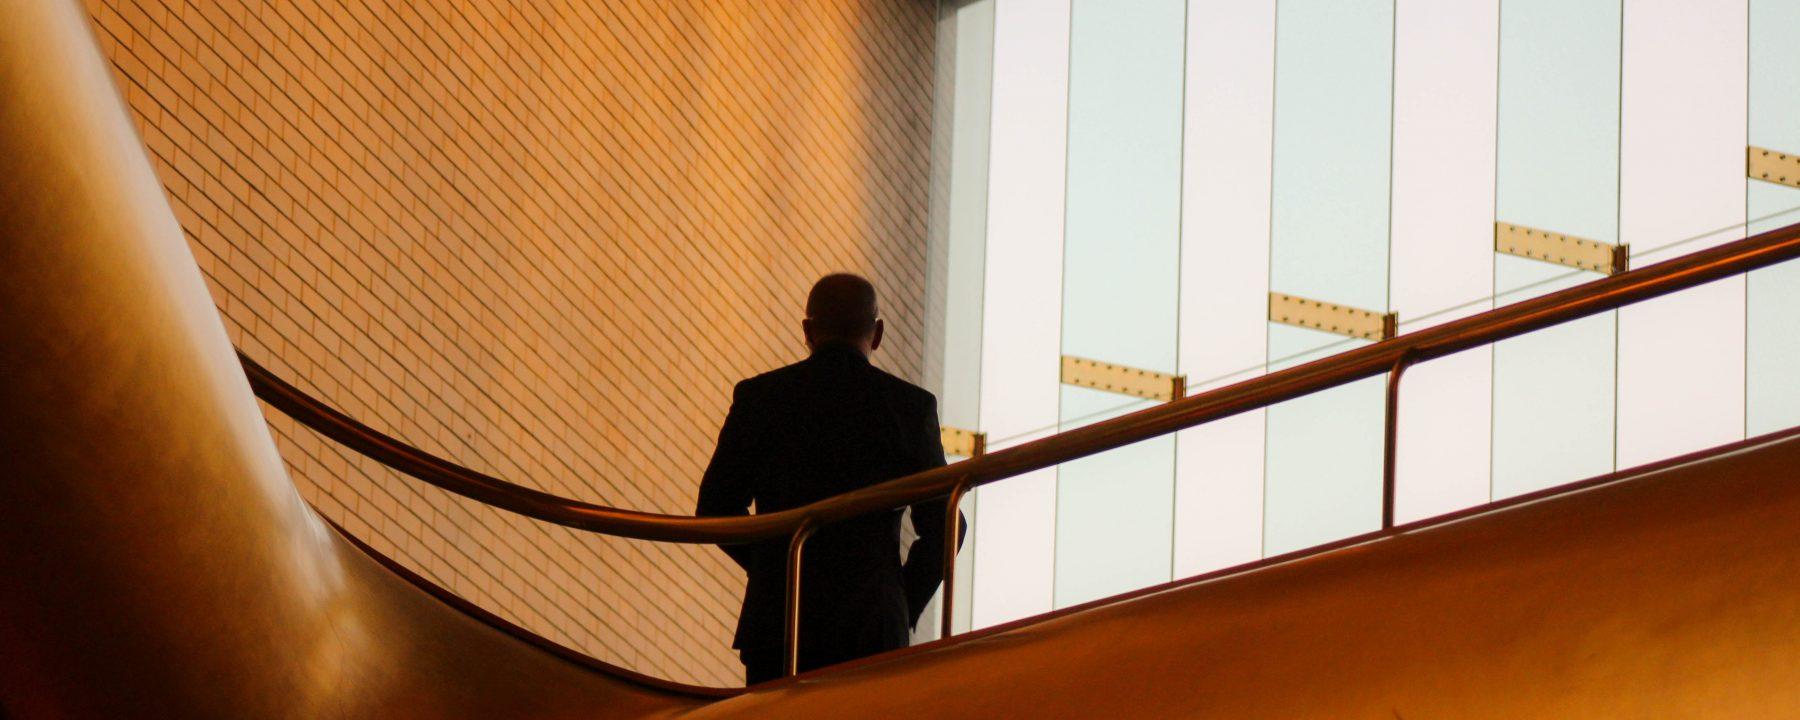 Business Model Canvas forretningsmodel beskrivelse hvordan